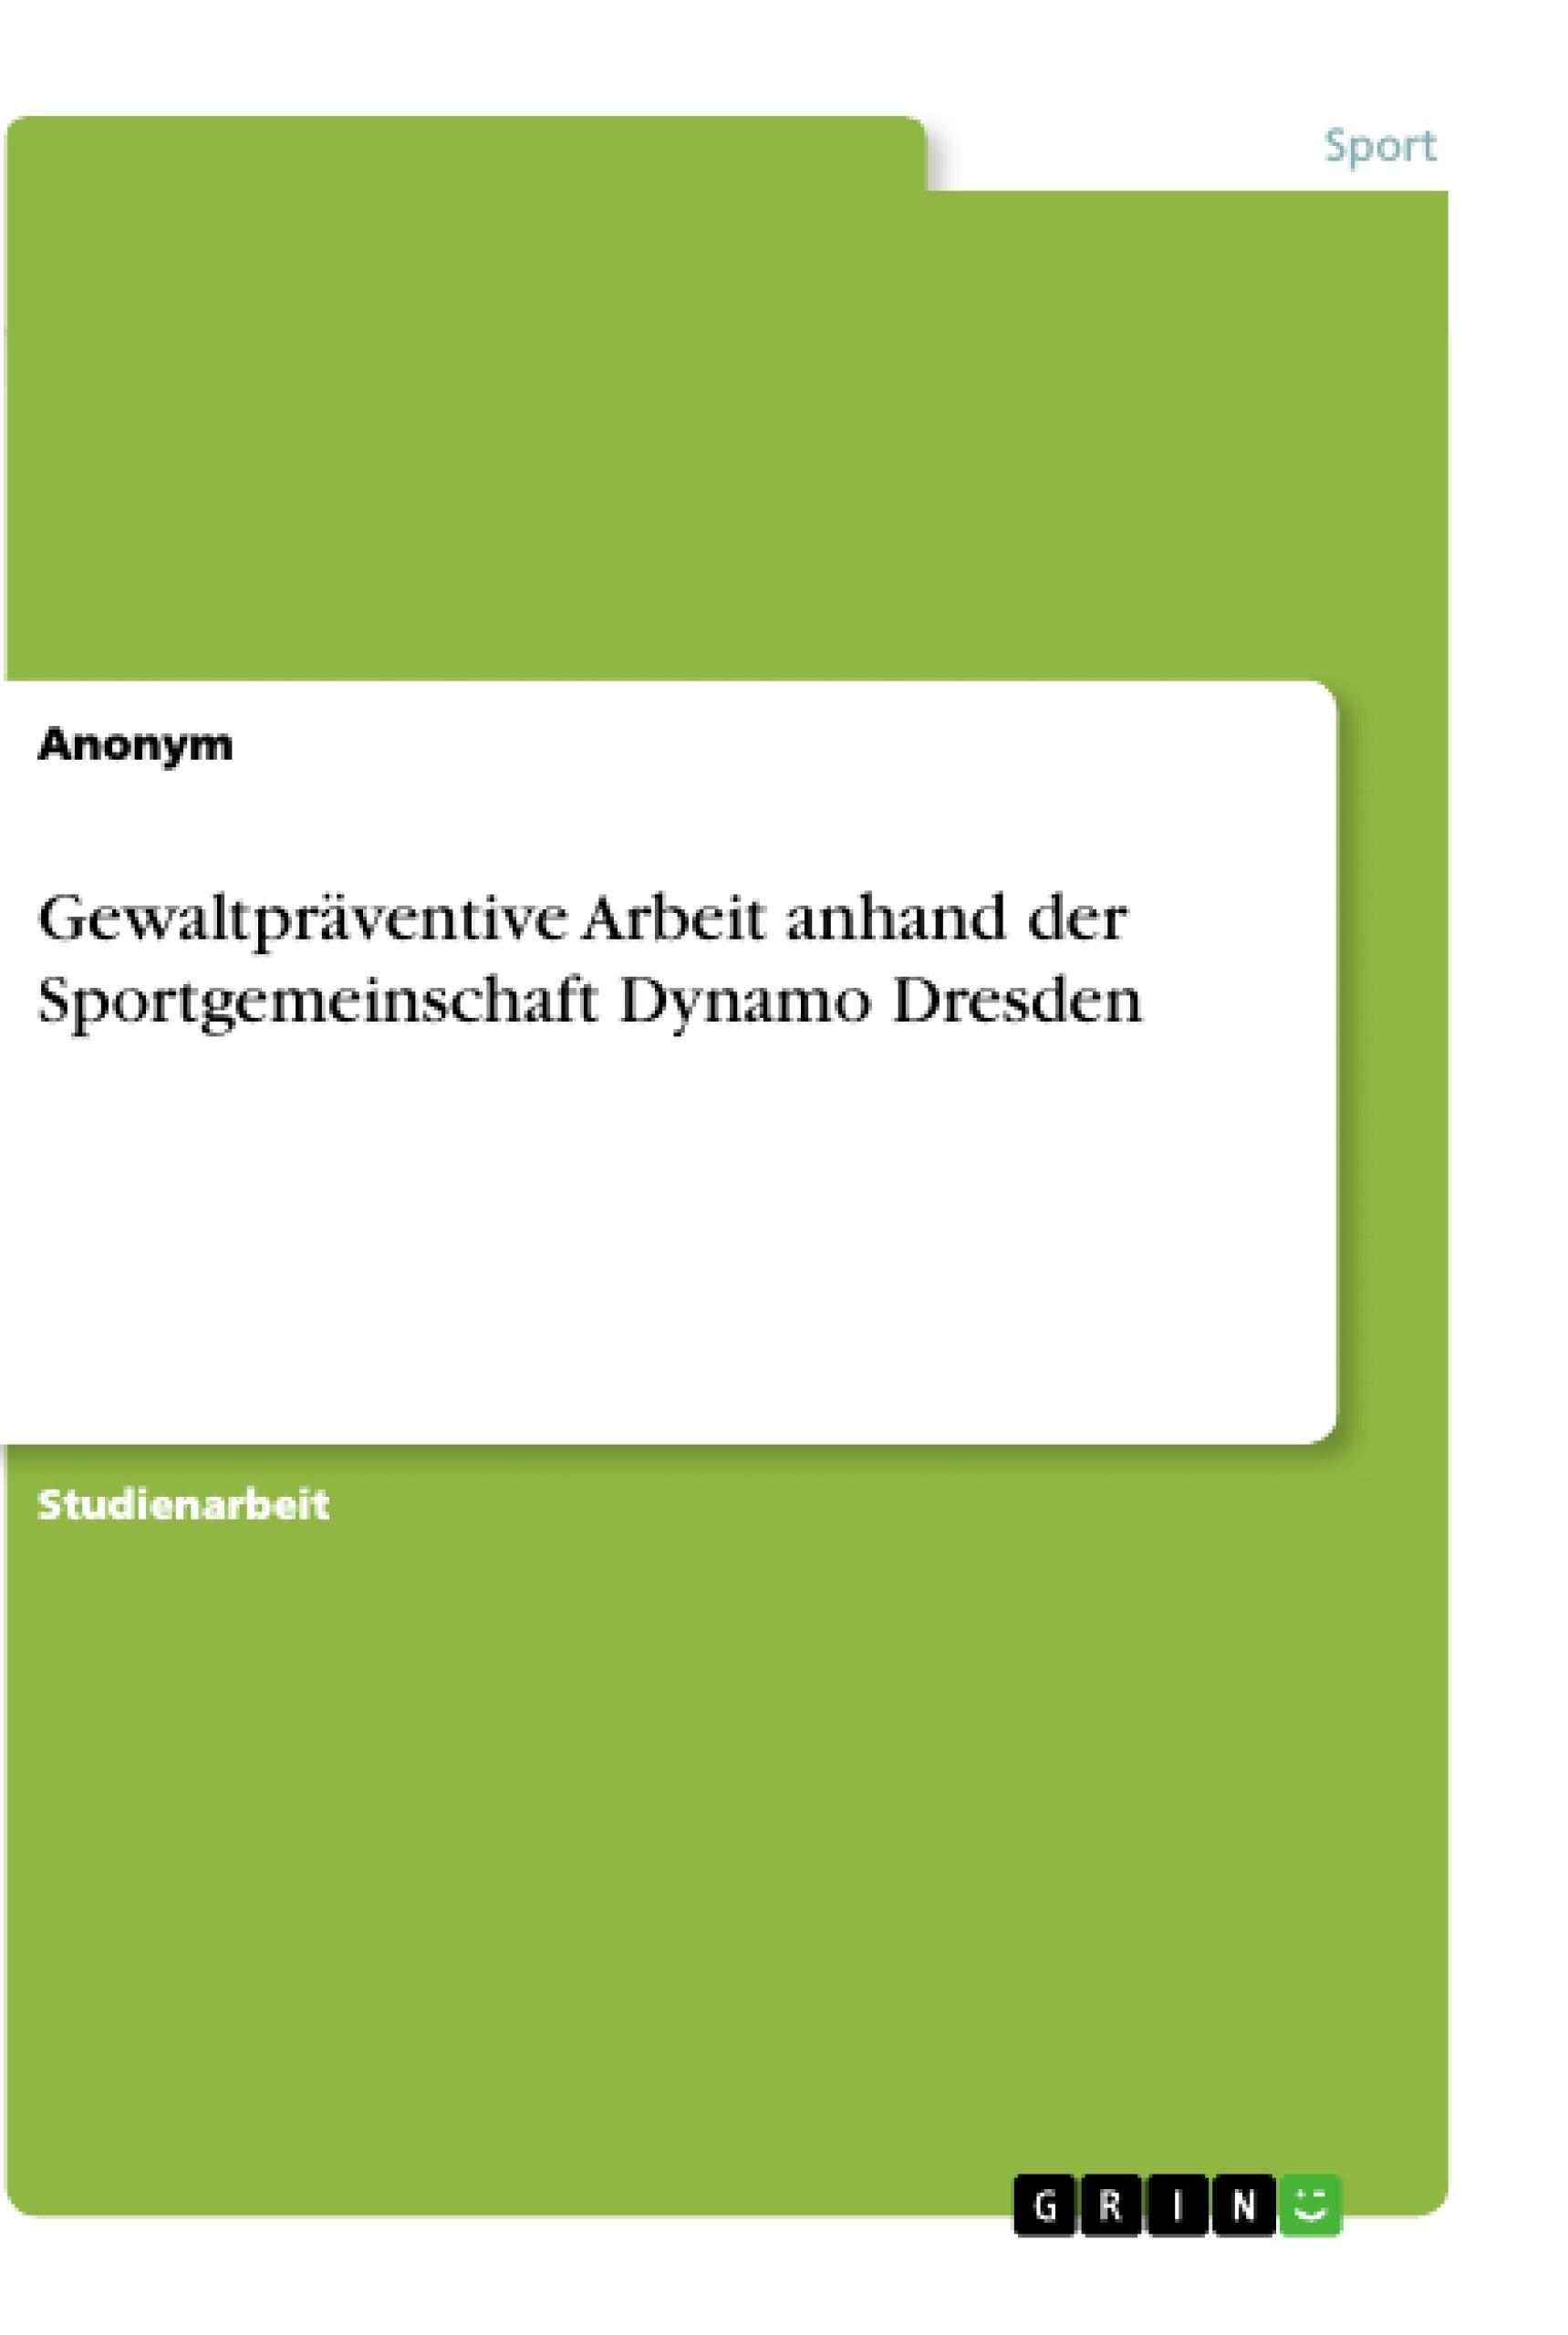 Titel: Gewaltpräventive Arbeit anhand der Sportgemeinschaft Dynamo Dresden